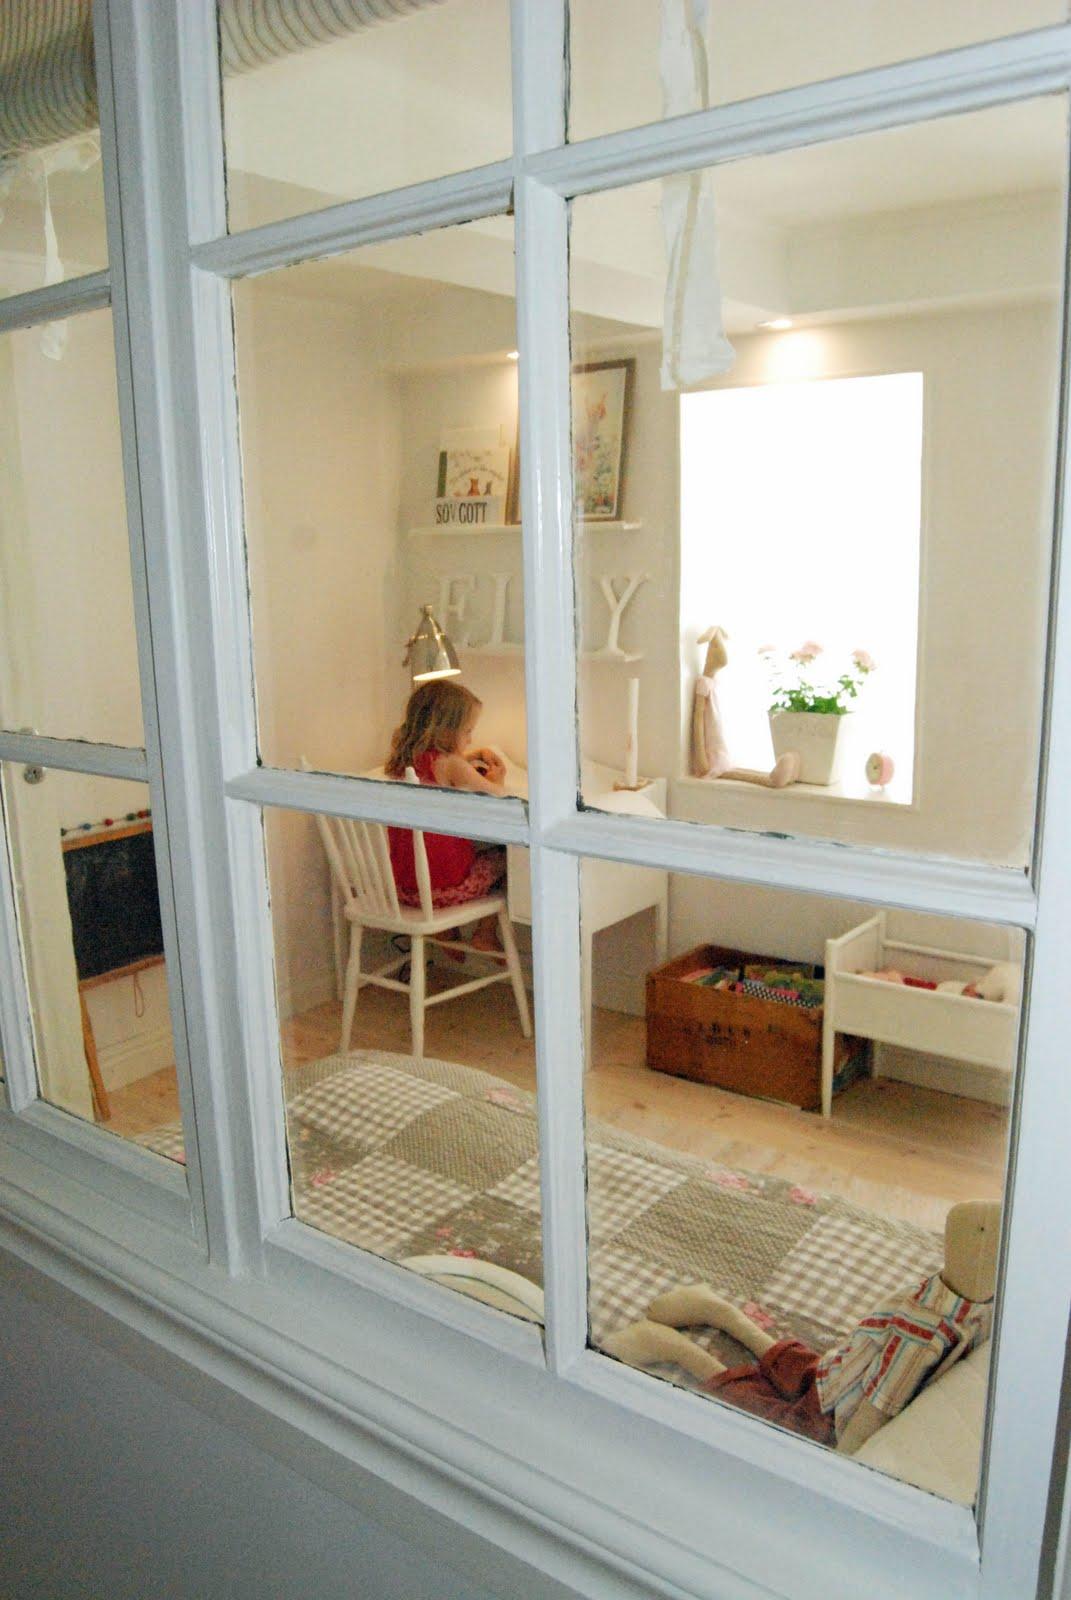 My shabby chic house: juni 2010